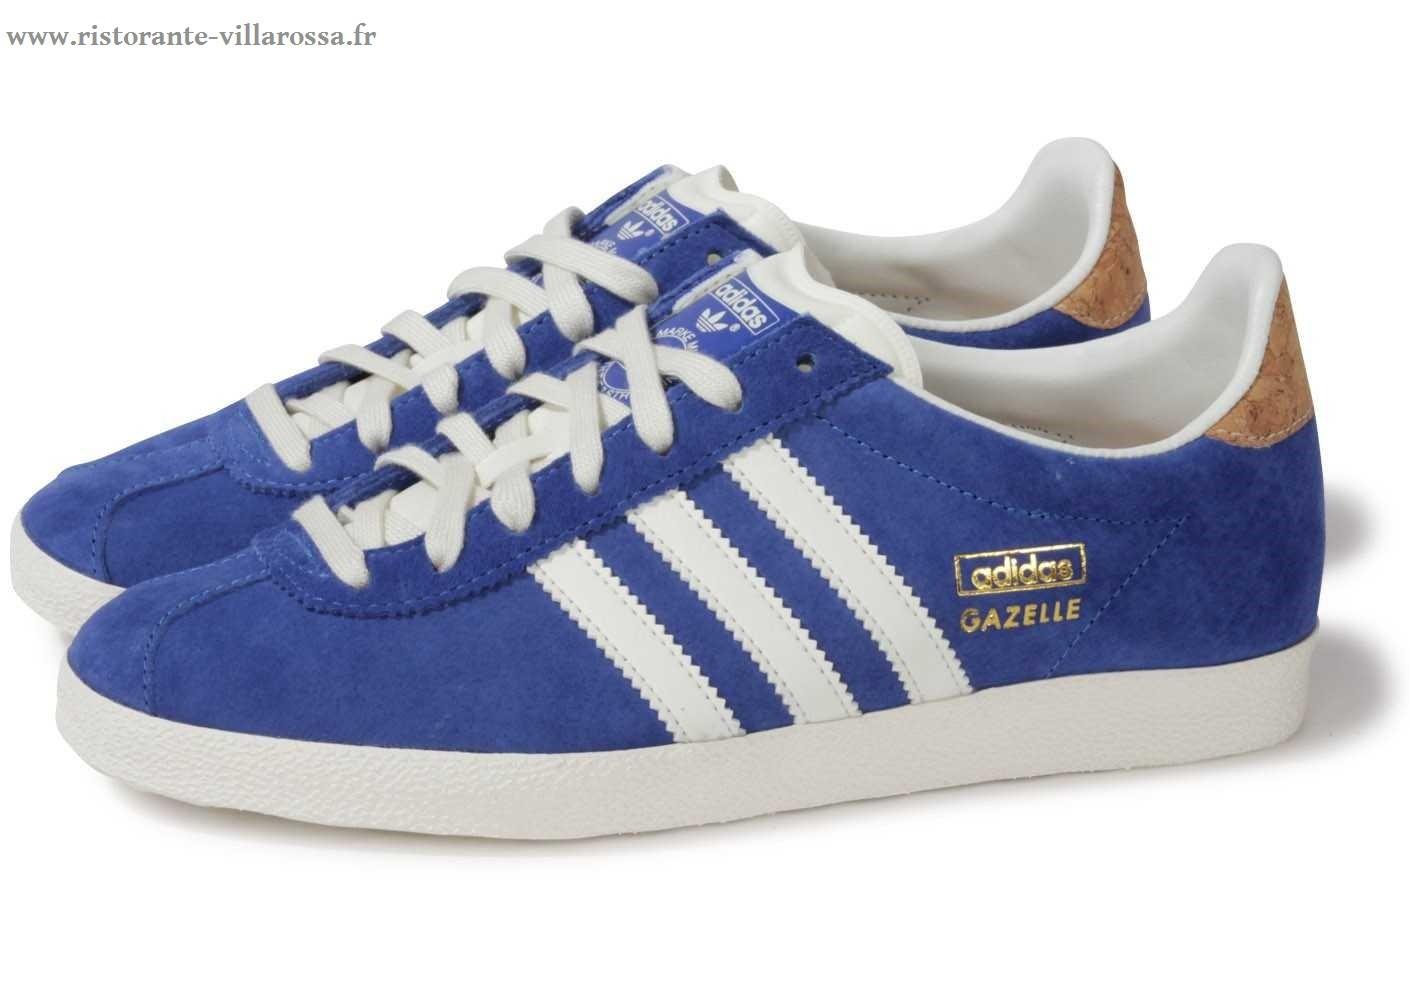 adidas gazelle bleu femme pas cher